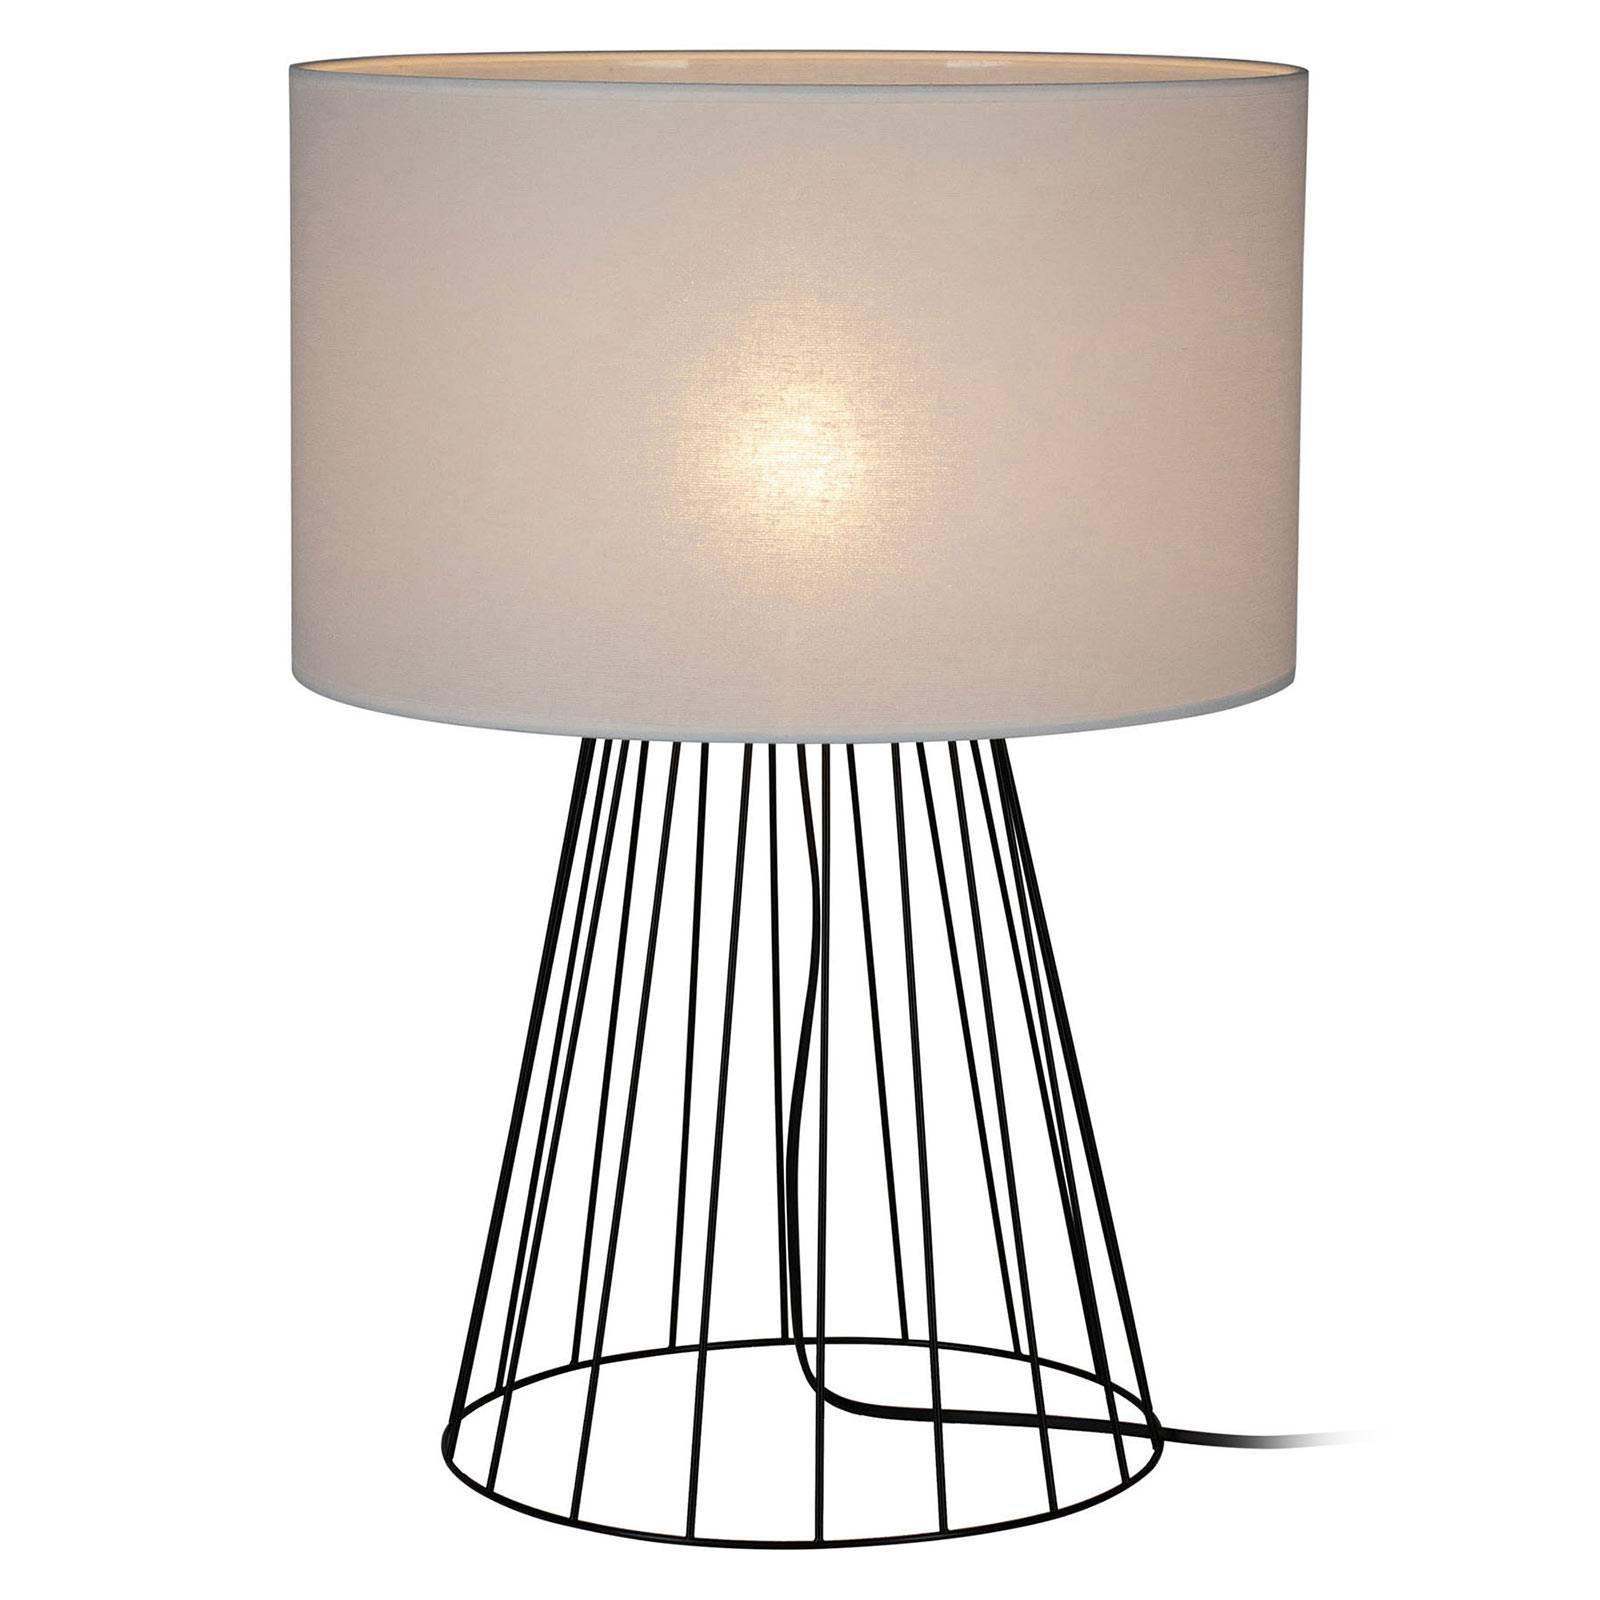 Bordlampe Valene med tekstilskjerm, høyde 69,5 cm